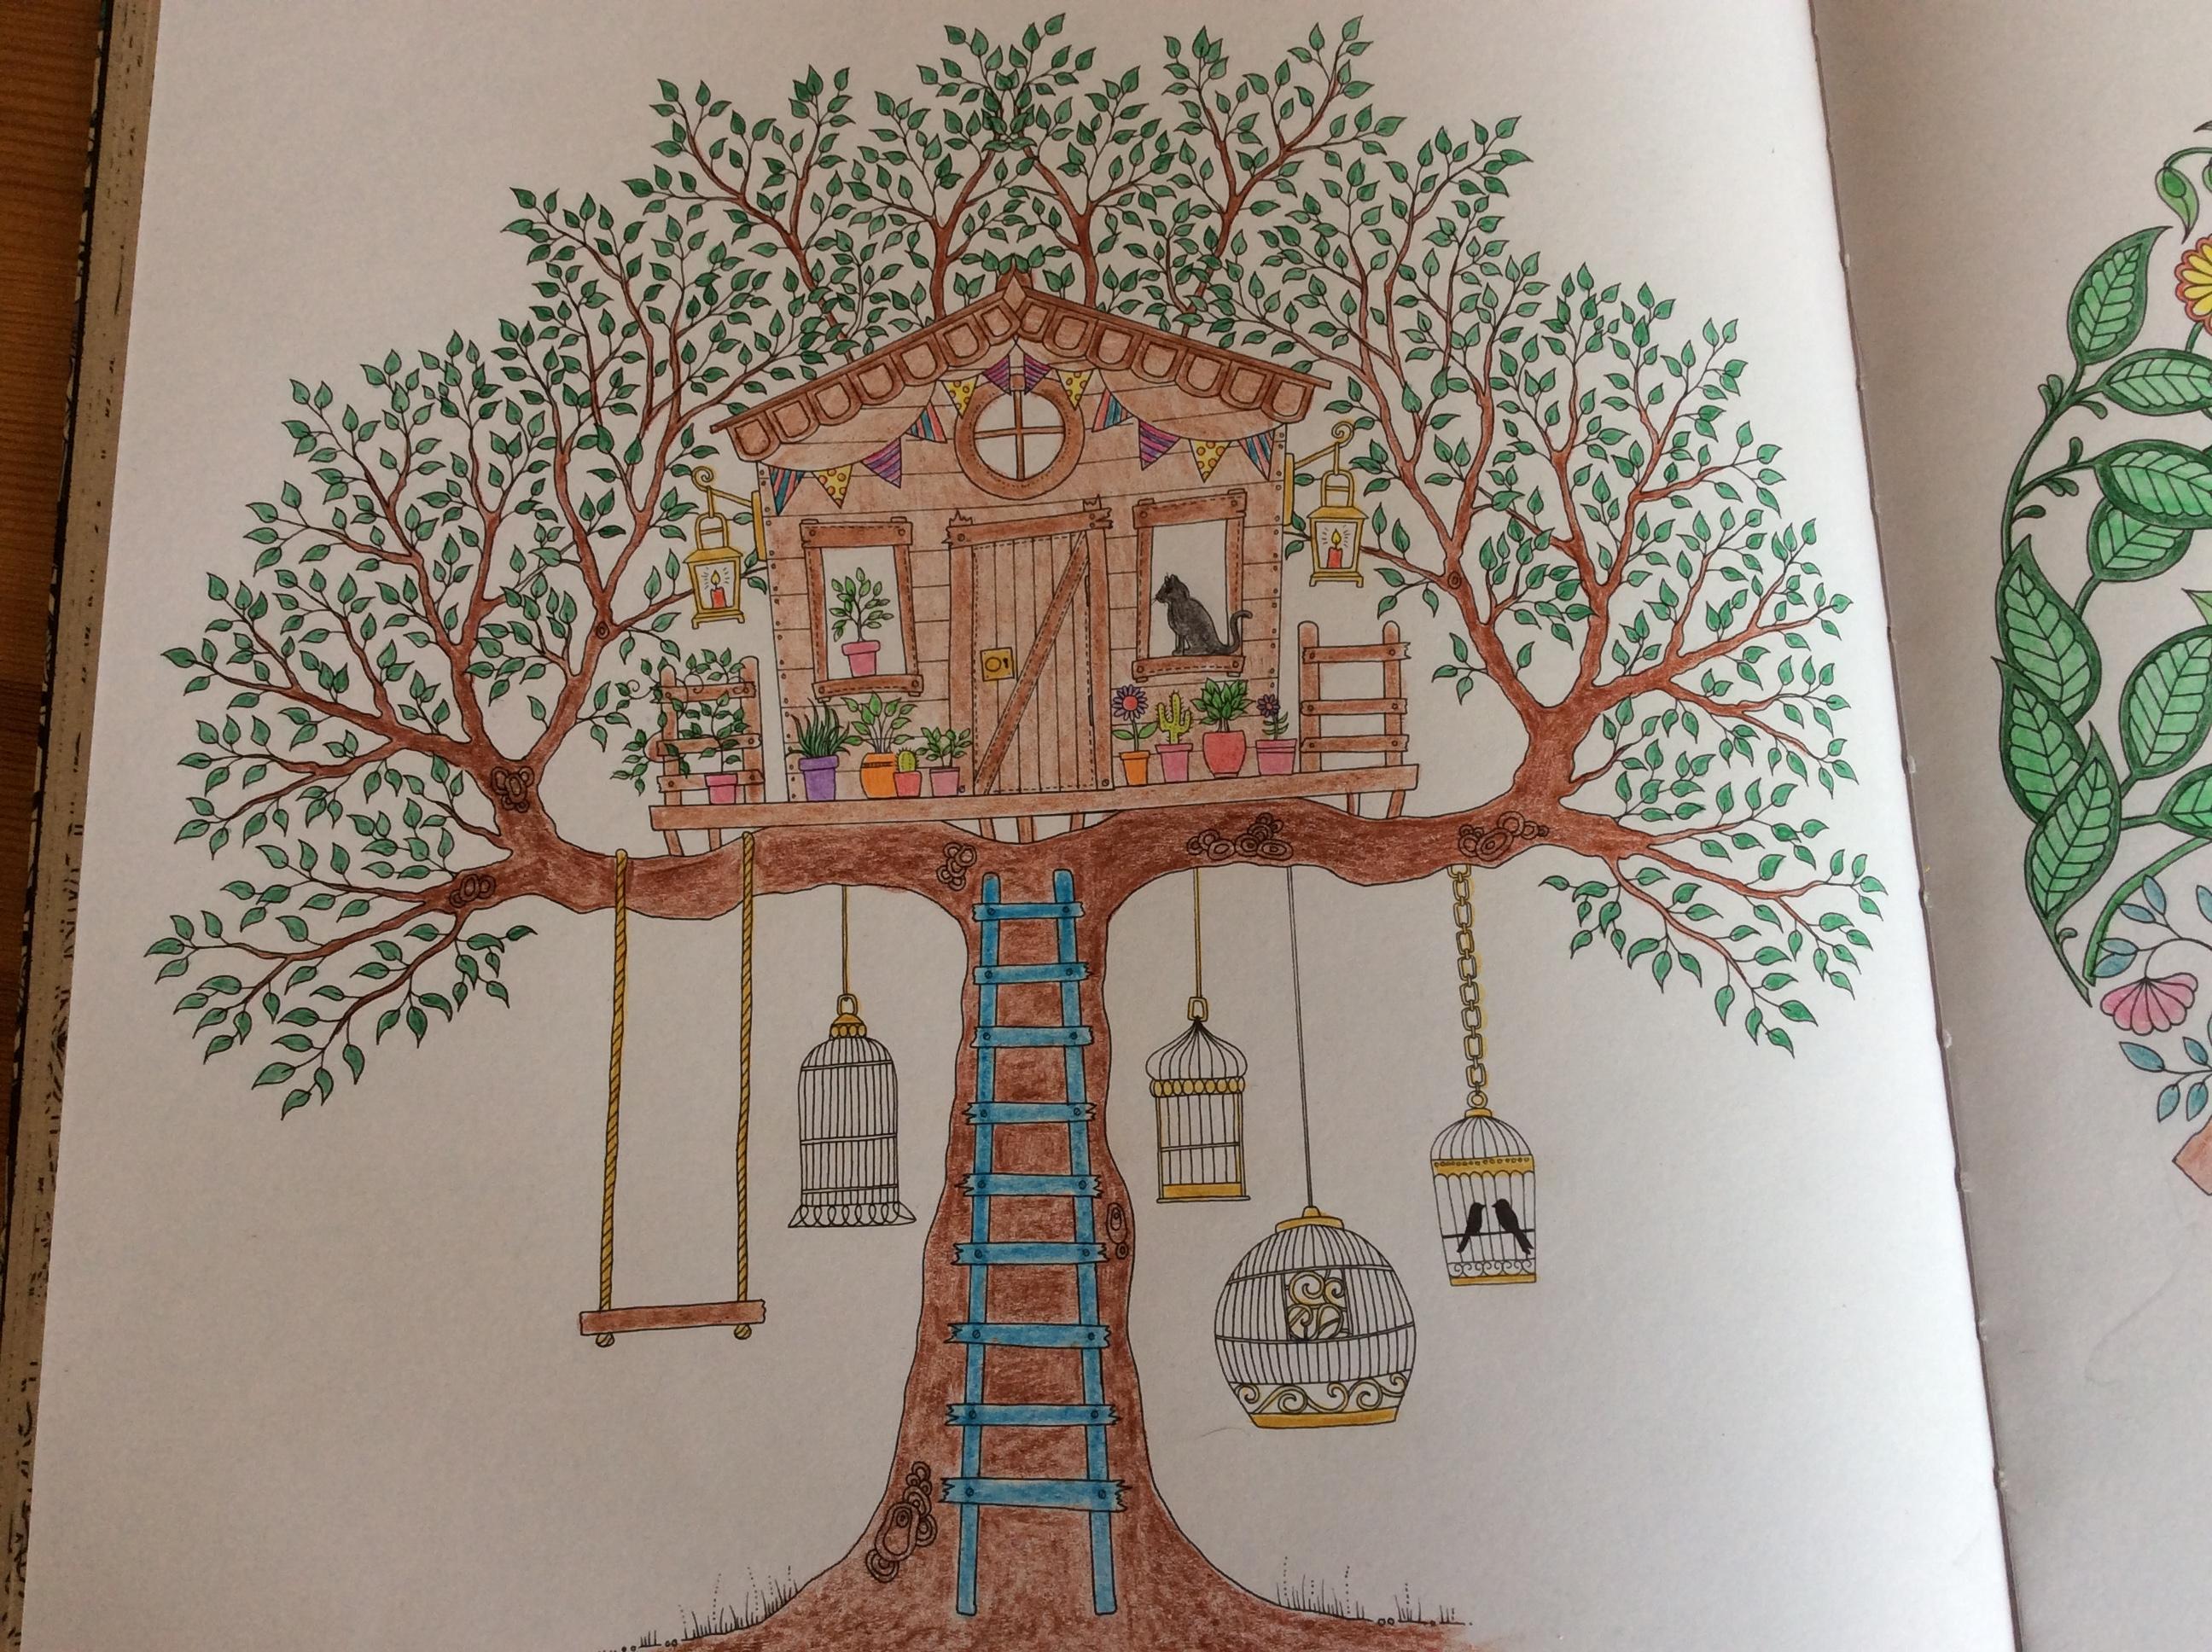 Coloriages Et Petites Créations » Cabane Dans Un Arbre à Dessin De Petite Maison